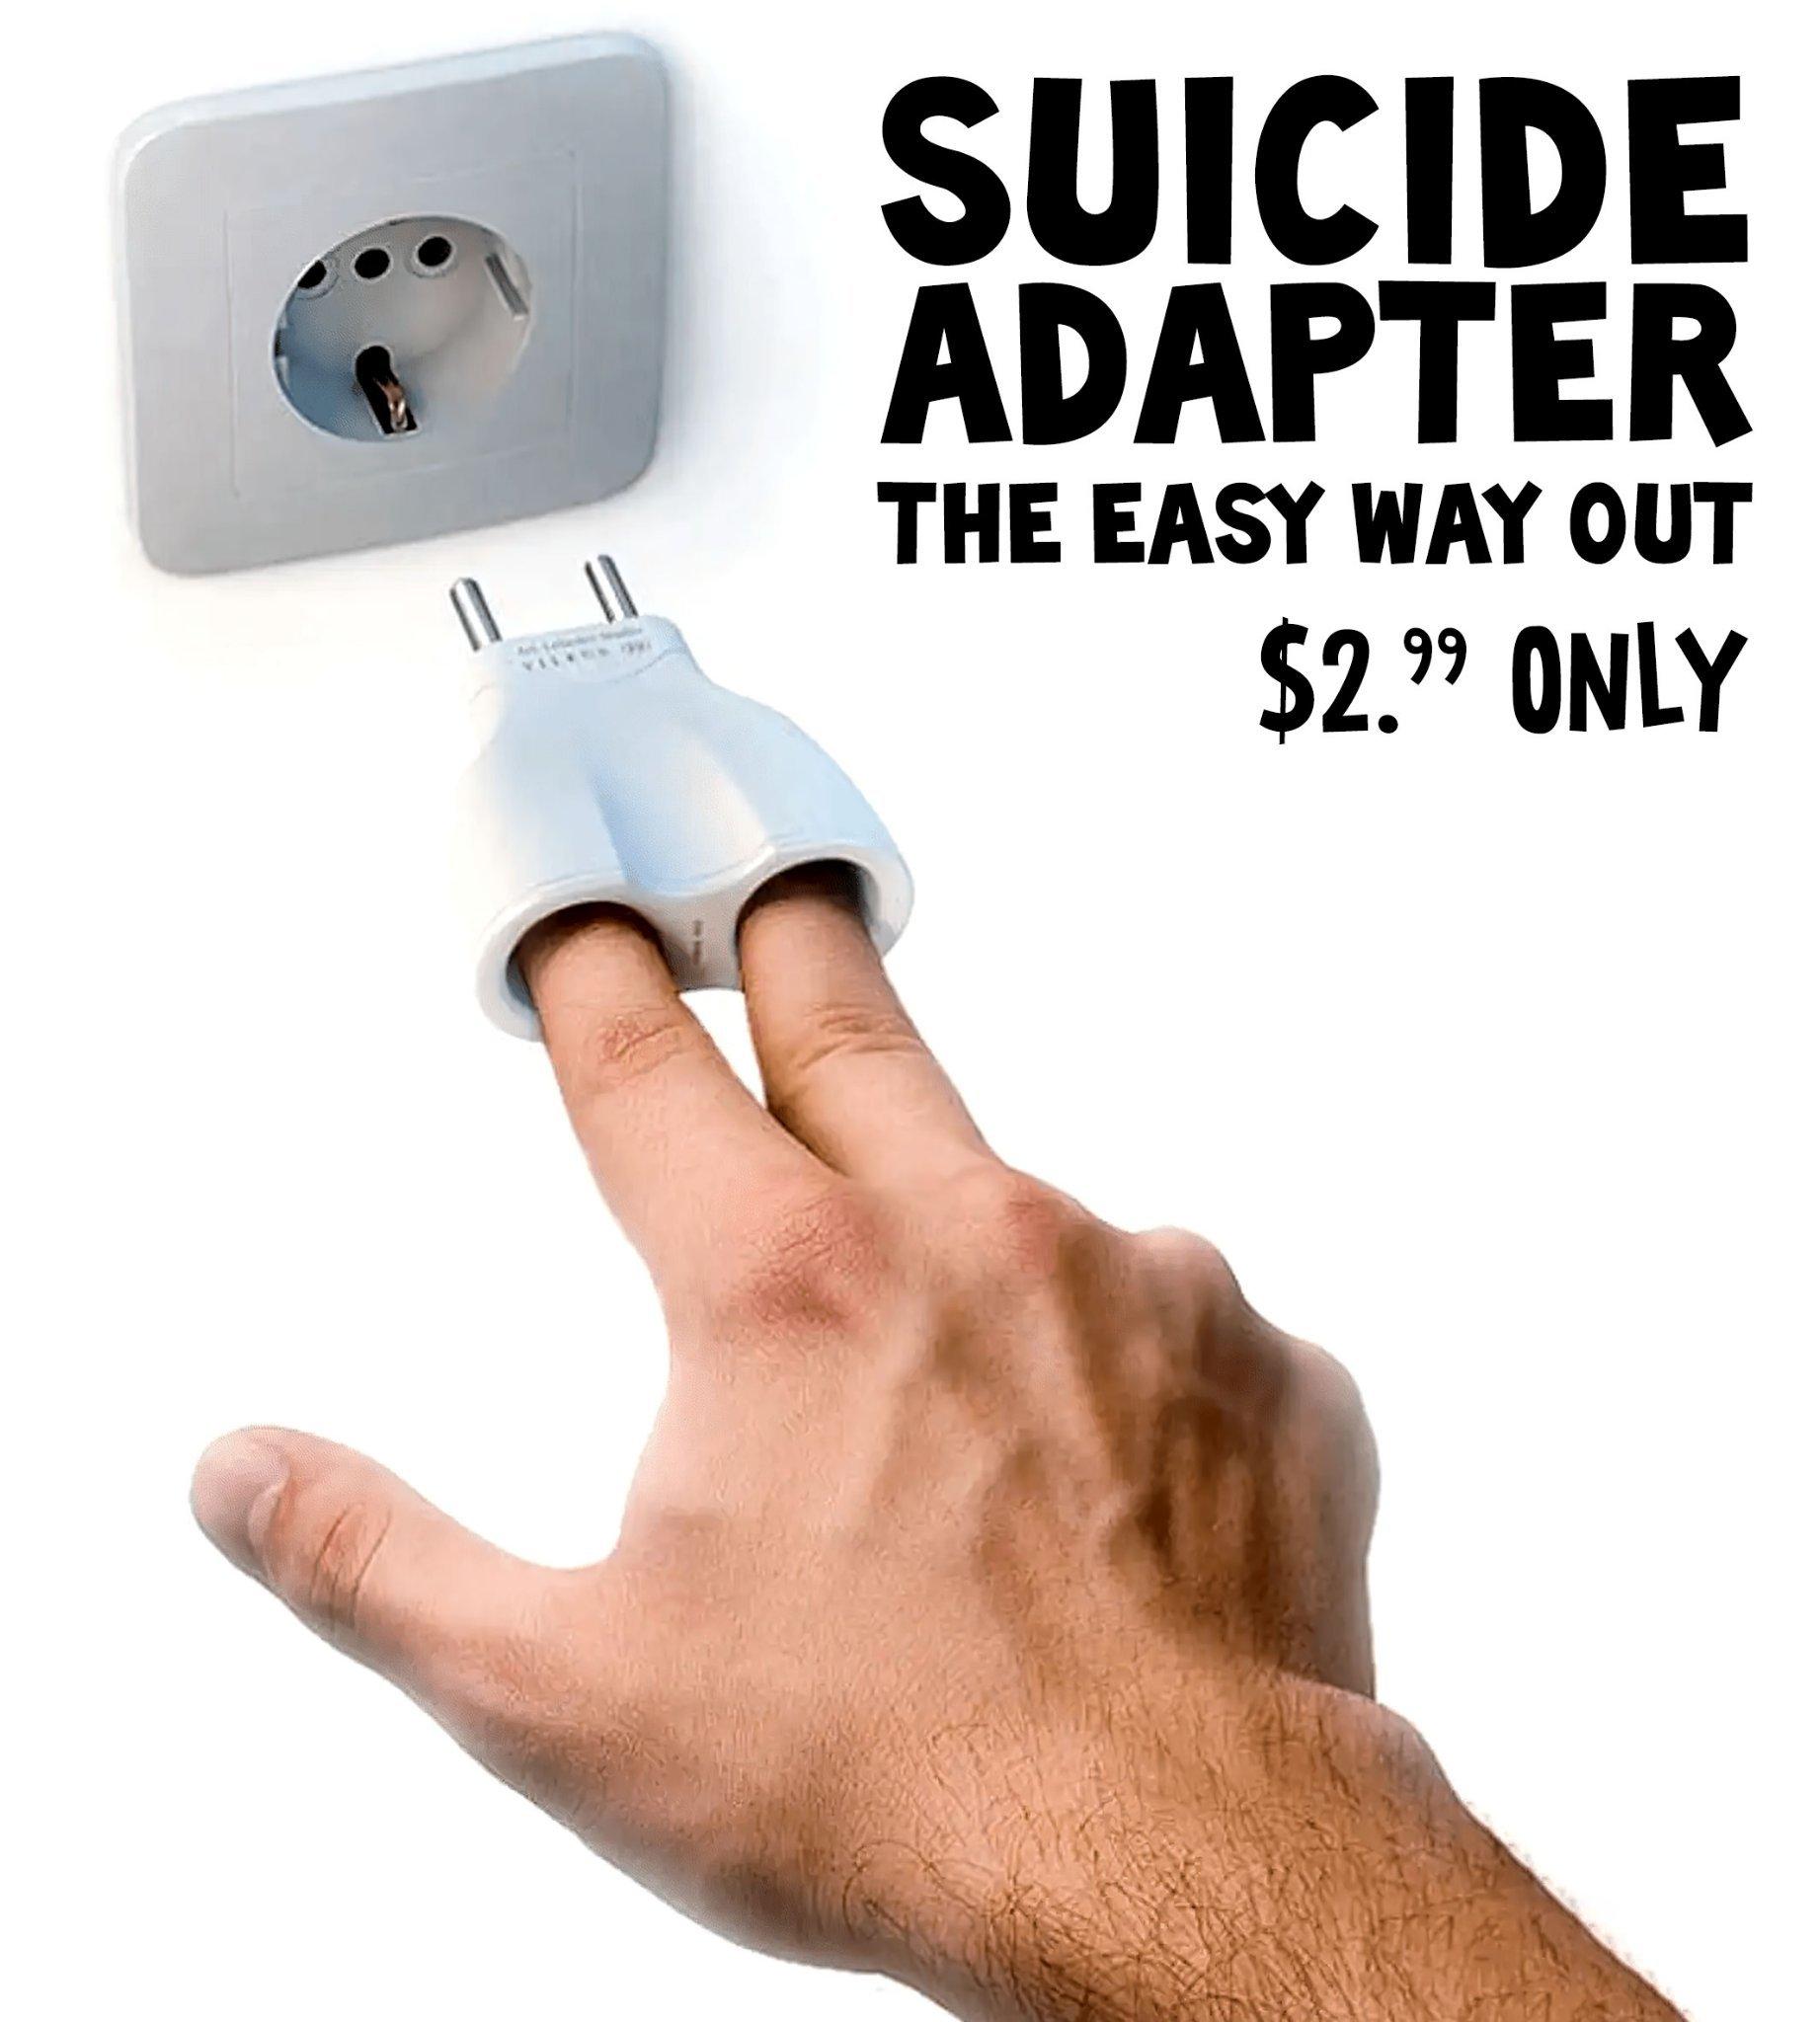 C'est l'heure du suicides - meme